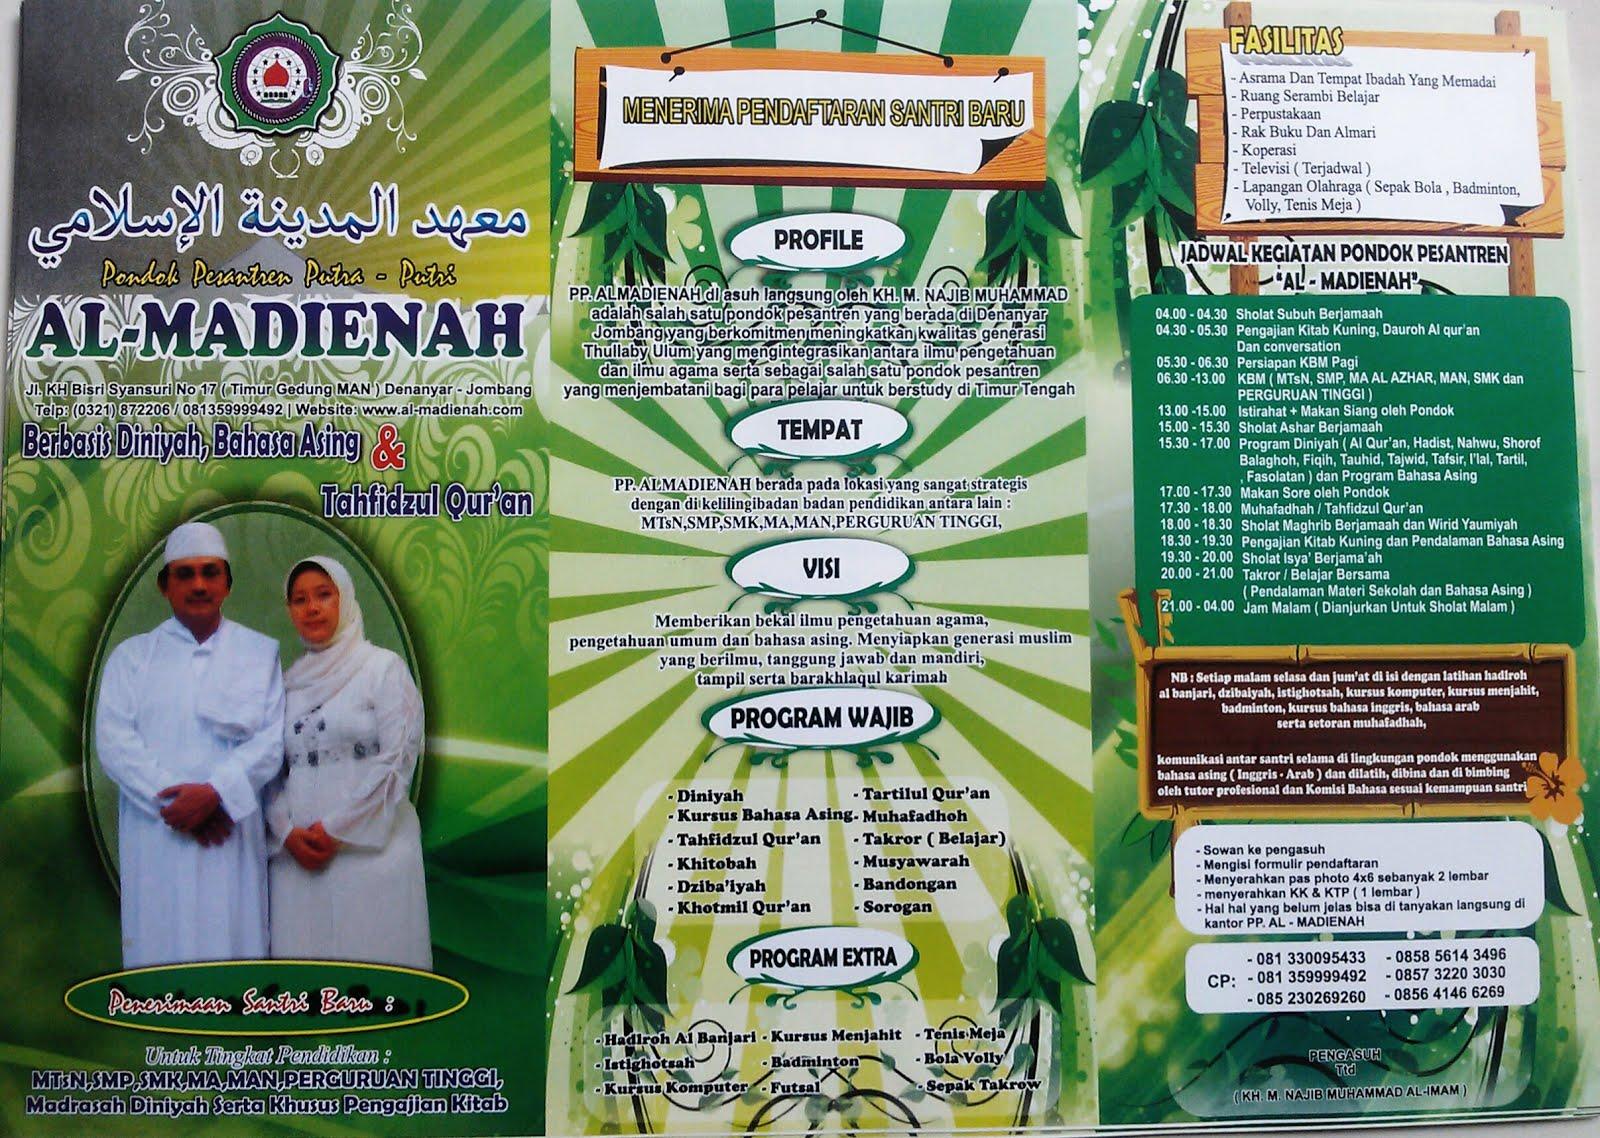 Brosur PP. Al-Madienah